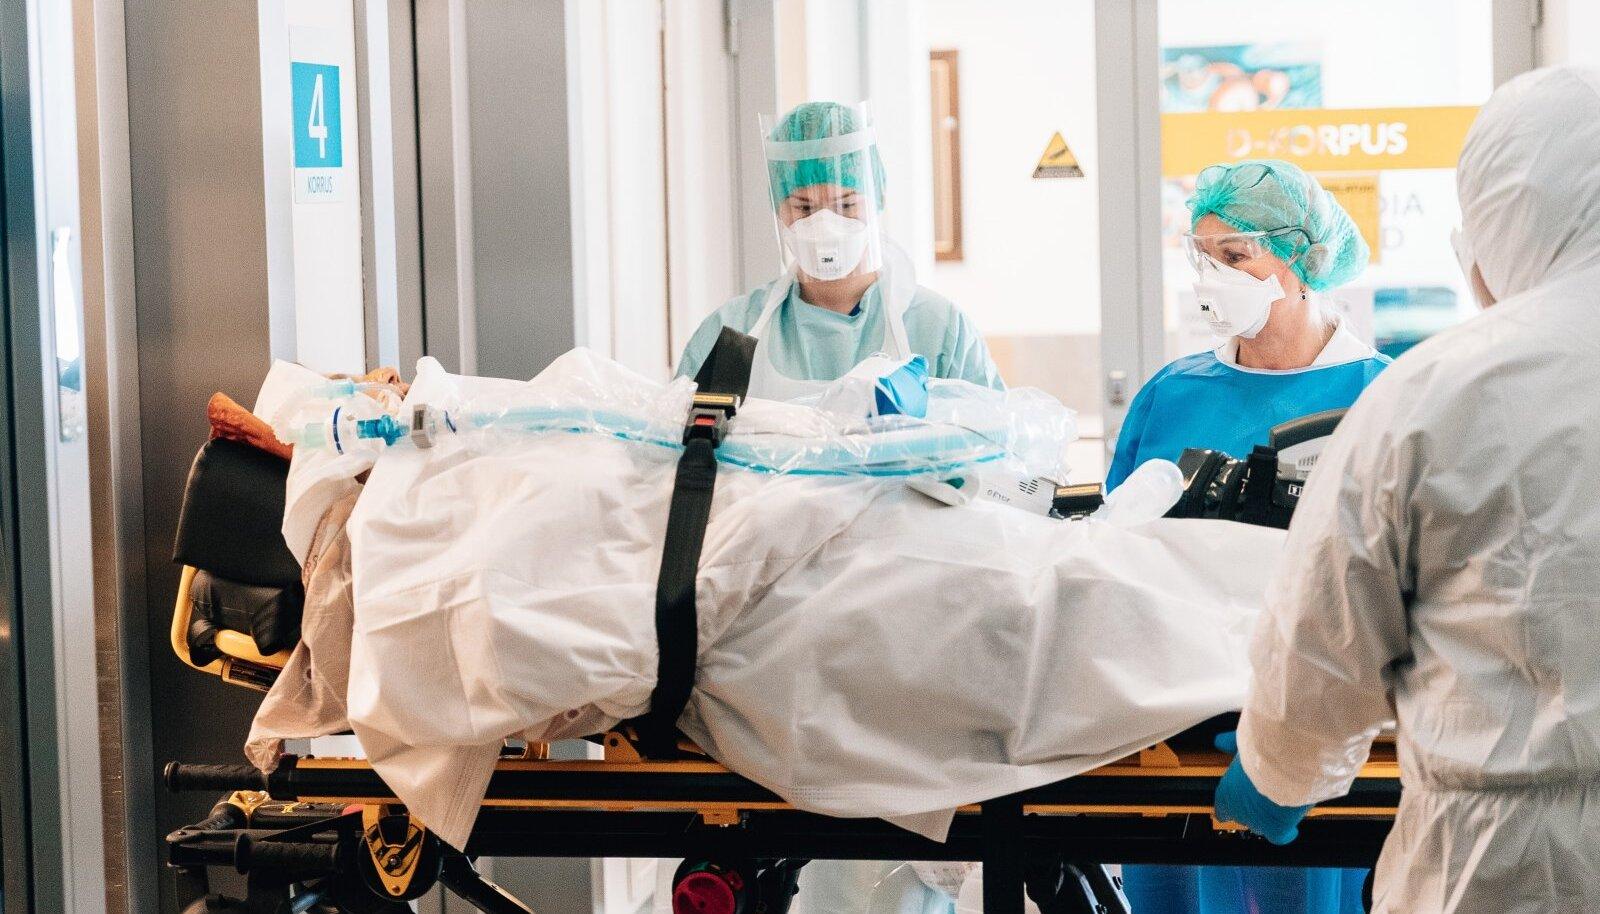 TEINE KOROONAKEVAD: 7. märtsil Lääne-Tallinna keskhaiglas. Koroonapatsientide ravi on kallis, sest lisaks kulukatele ravimitele vajavad haiged ravi raskemal juhul isegi kaks kuud.